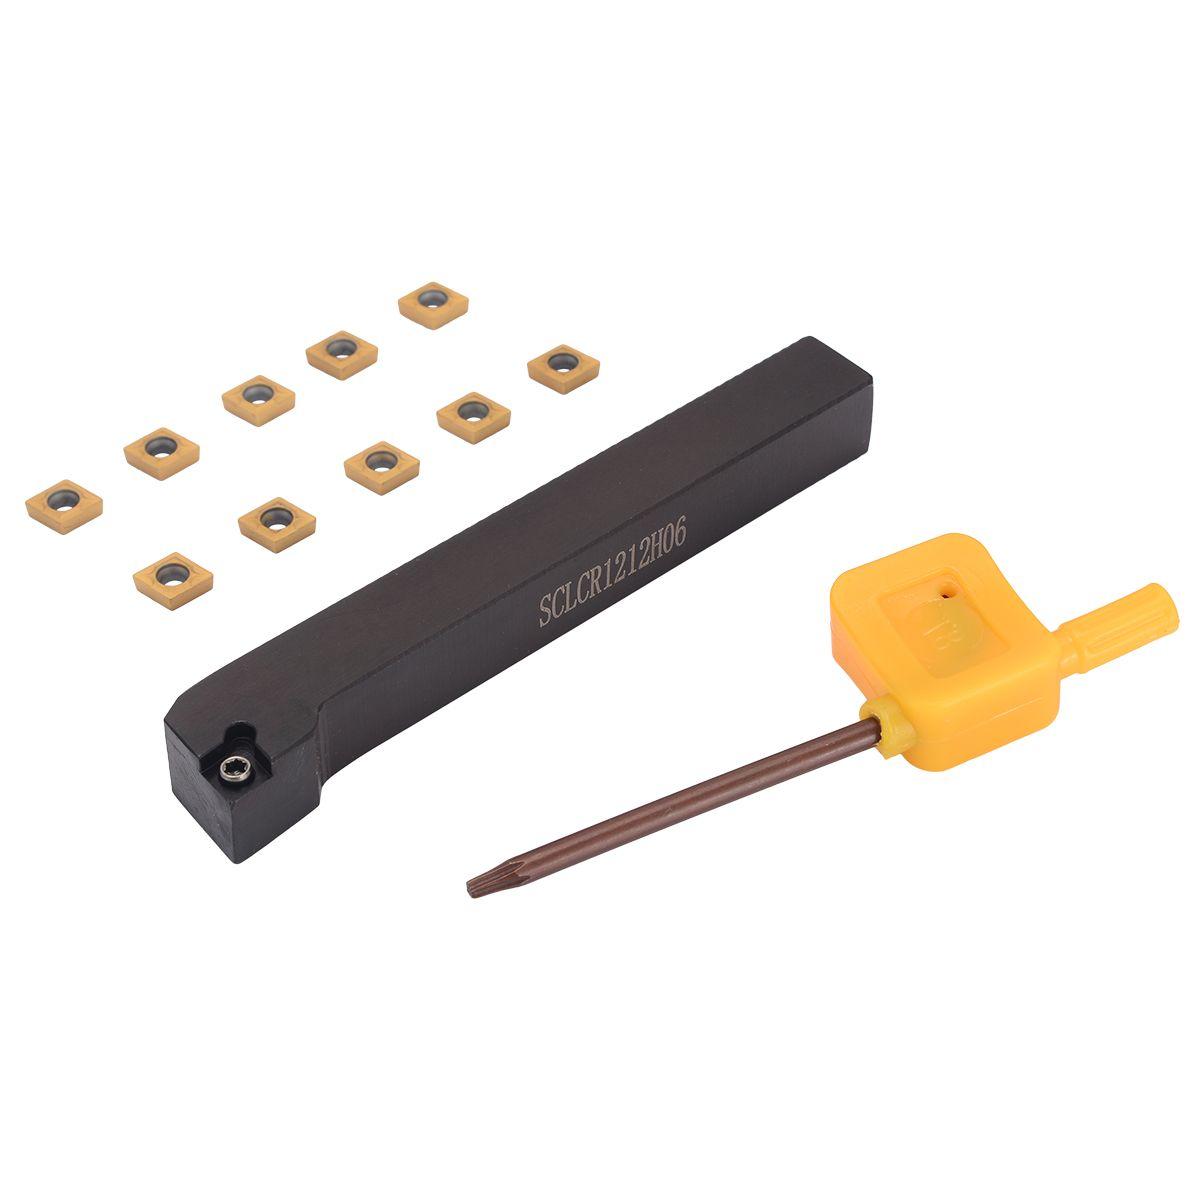 1 stück SCLCR1212H06 Drehmaschine Drehen Werkzeug Halter + 10 stücke CCMT060204-HM VP15TF Hartmetall Einfügen mit T8 Schlüssel